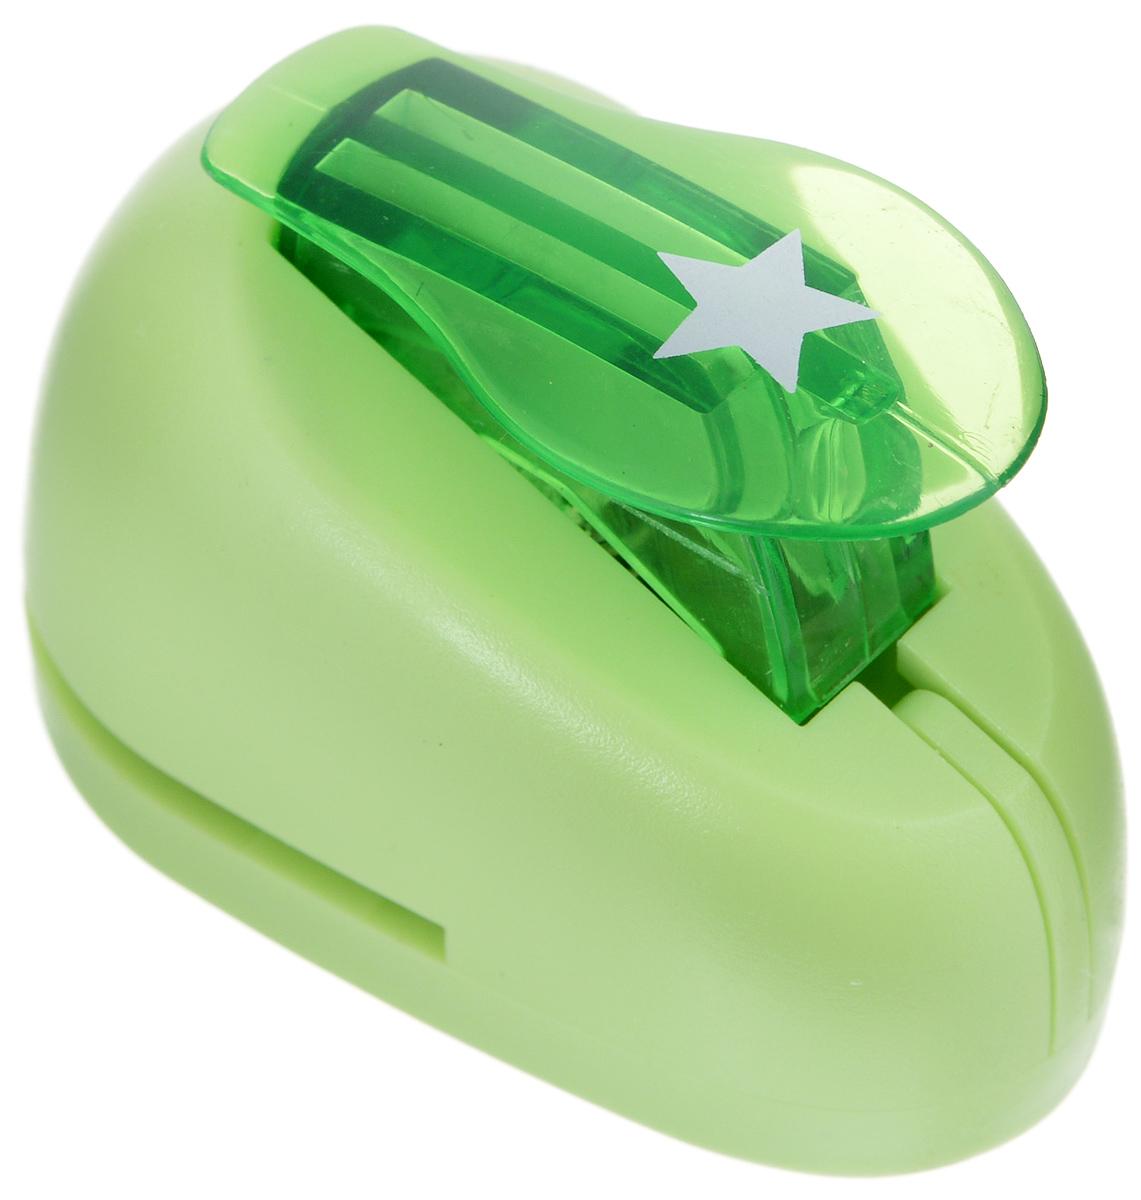 Дырокол фигурный Hobbyboom Звезда, цвет: салатовый, №68, 1 смCD-99XS-068_салатовыйДырокол фигурный Hobbyboom Звезда выполнен из прочного пластика и металла и используется в скрапбукинге для украшения открыток, карточек, коробочек и прочего.Применяется для прорезания фигурных отверстий в бумаге в форме звезд. Вырезанный элемент также можно использовать для украшения.Предназначен для бумаги плотностью от 80 до 200 г/м2. При применении на бумаге большей плотности или на картоне, дырокол быстро затупится. Чтобы заточить нож компостера, нужно прокомпостировать самую тонкую наждачку. Размер дырокола: 5 см х 4 см х 3 см.Размер готовой фигурки: 1 см х 1 см.